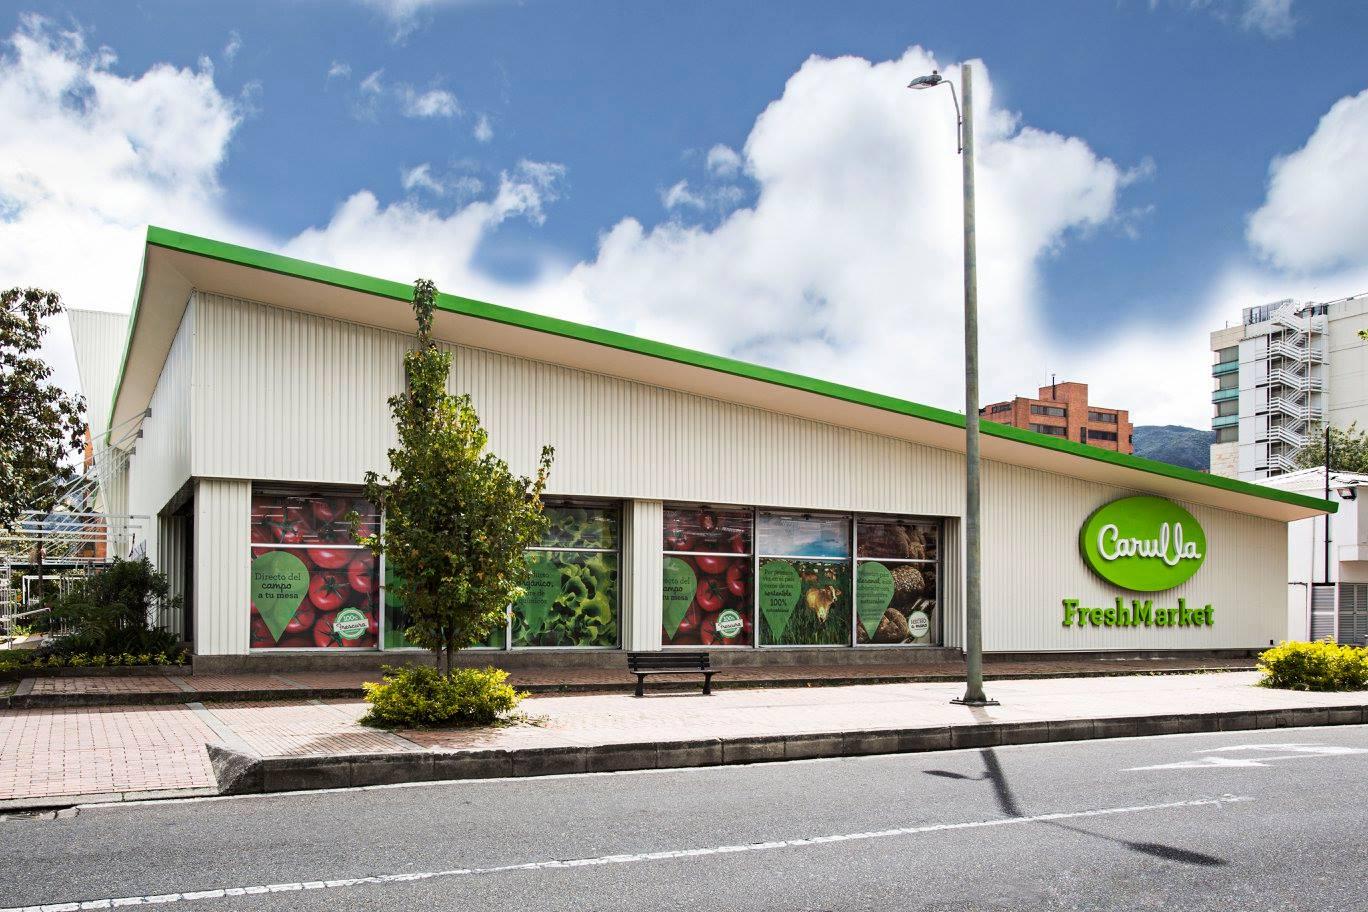 Carulla freshmarket una tienda sostenible innovadora y - Almacen exito barranquilla ...